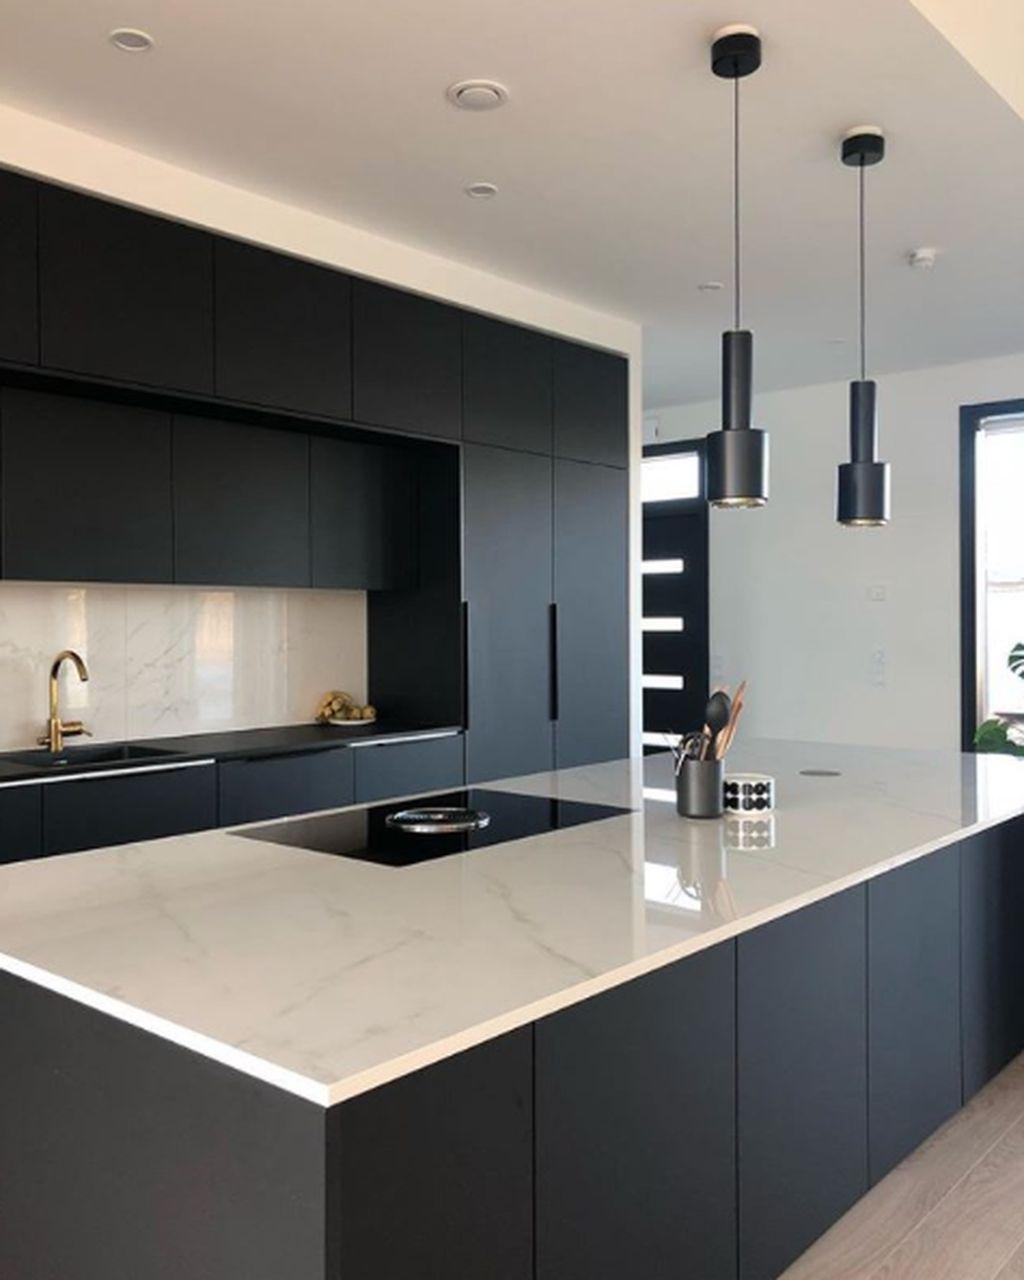 50 Black Kitchen Design Ideas With White Color Accent Sweetyhomee Modern Kitchen Design Stylish Kitchen Matte Black Kitchen